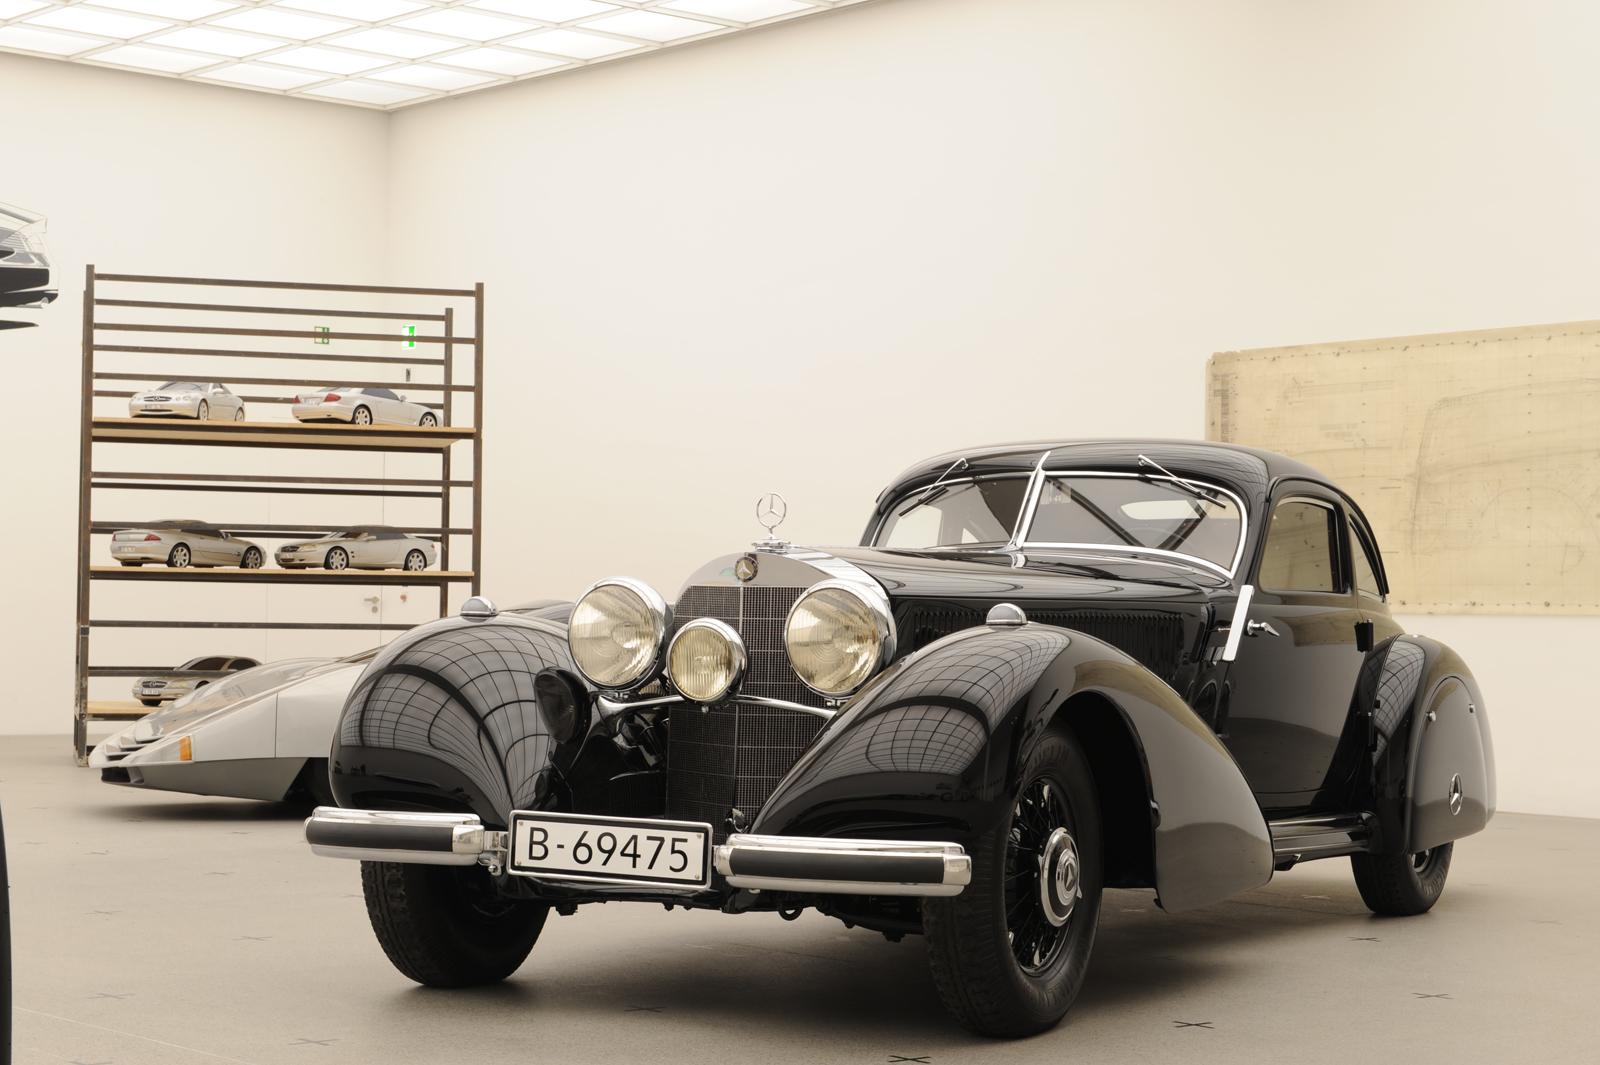 """Выставка """"вехи истории автомобильного дизайна - пример Mercedes-Benz"""" в Pinakothek der Moderne) в Мюнхене - фотография №2"""